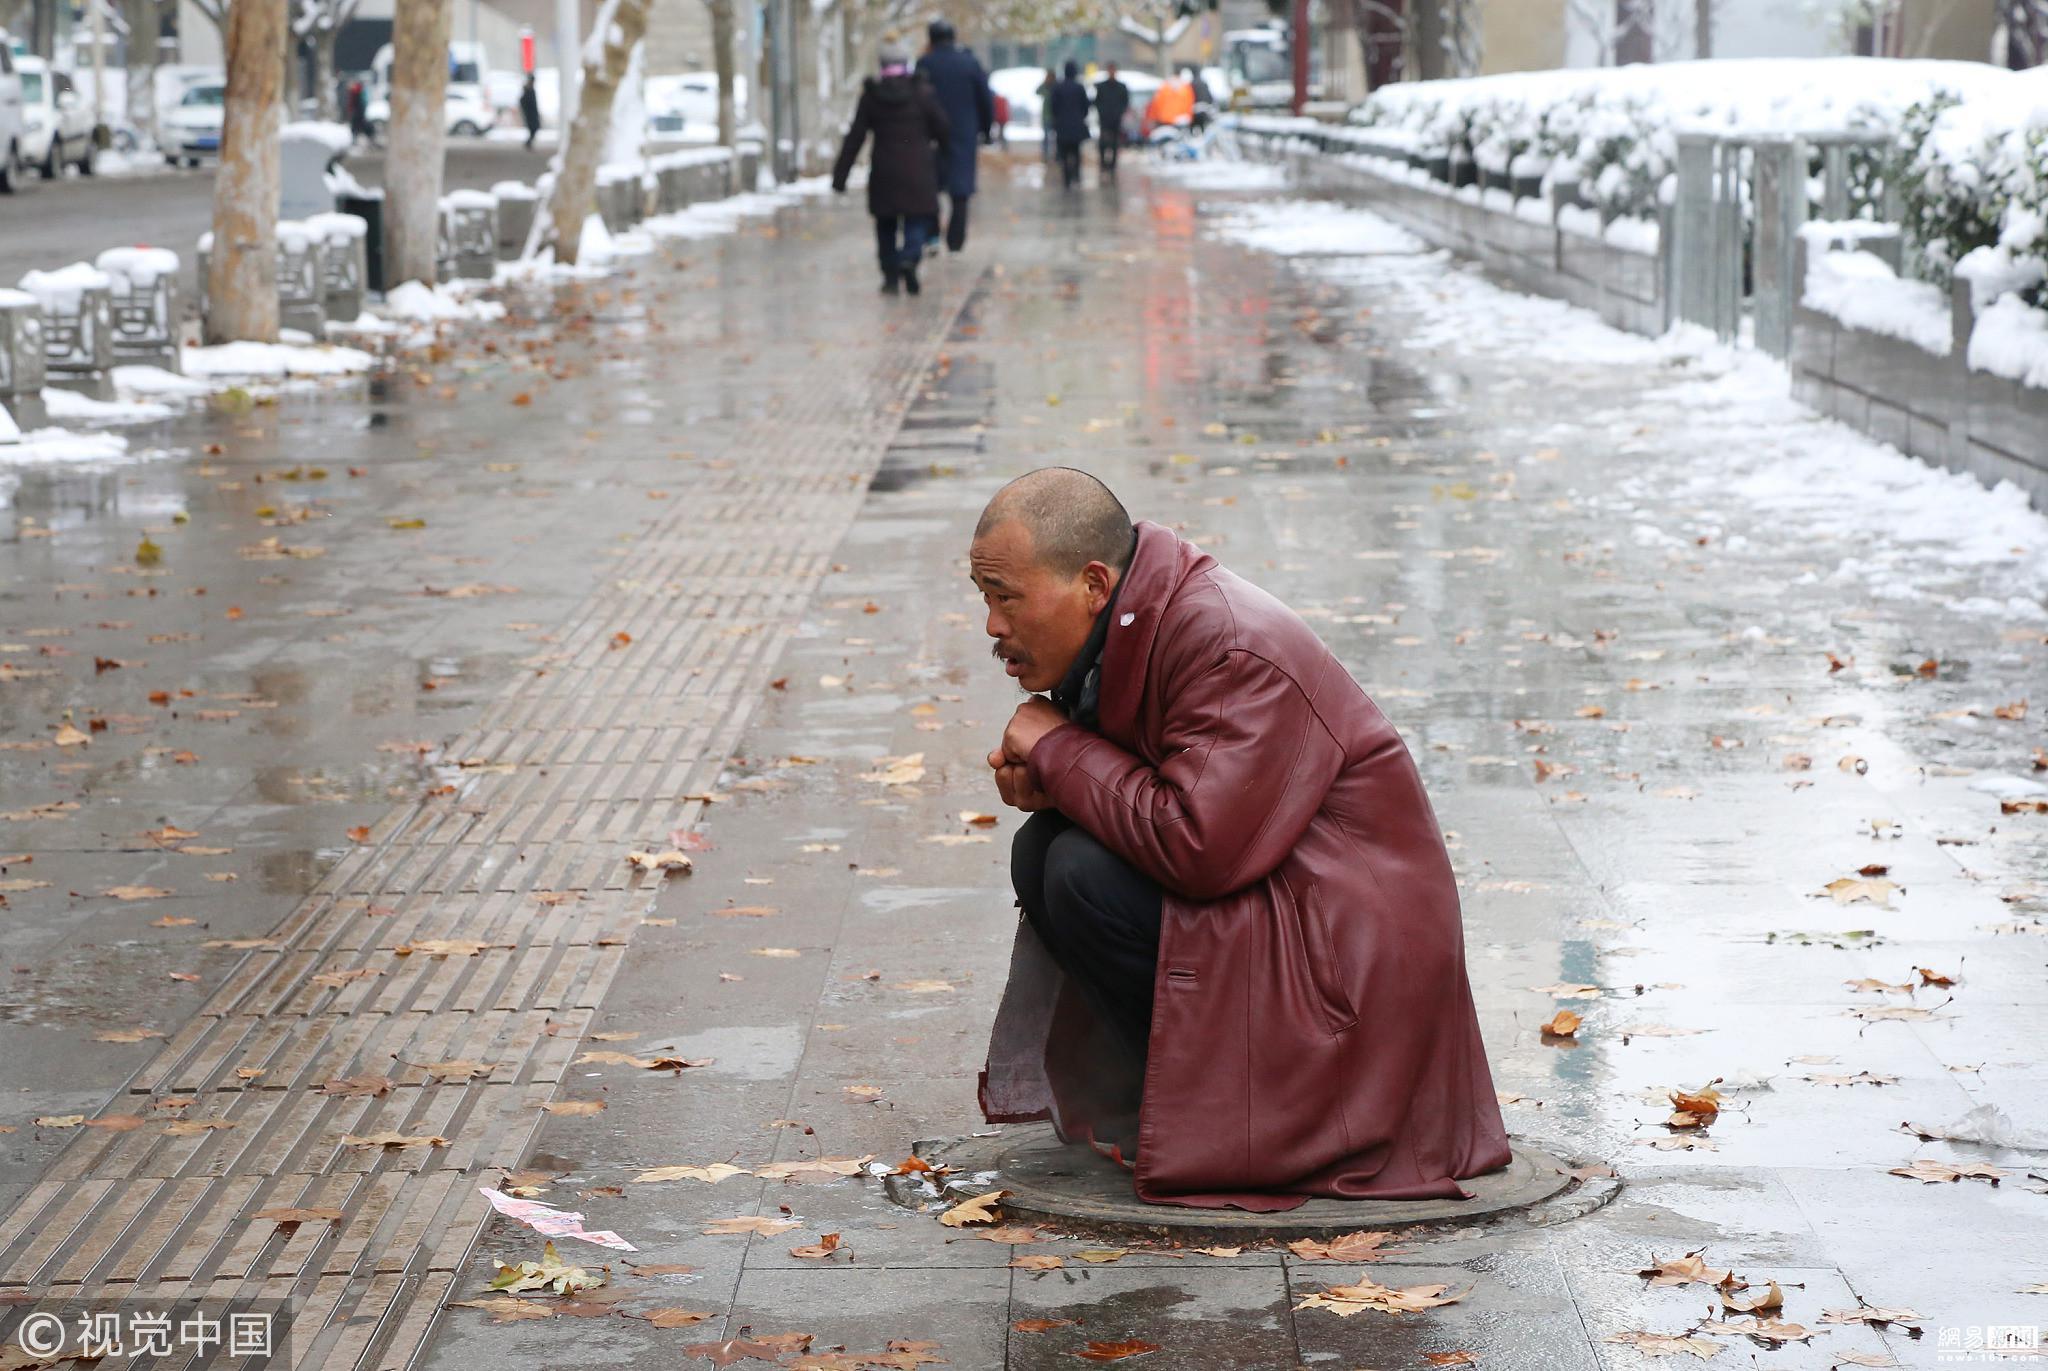 民工雪中轮流蹲热力井盖蹭暖 场景戳人泪点! - 周公乐 - xinhua8848 的博客